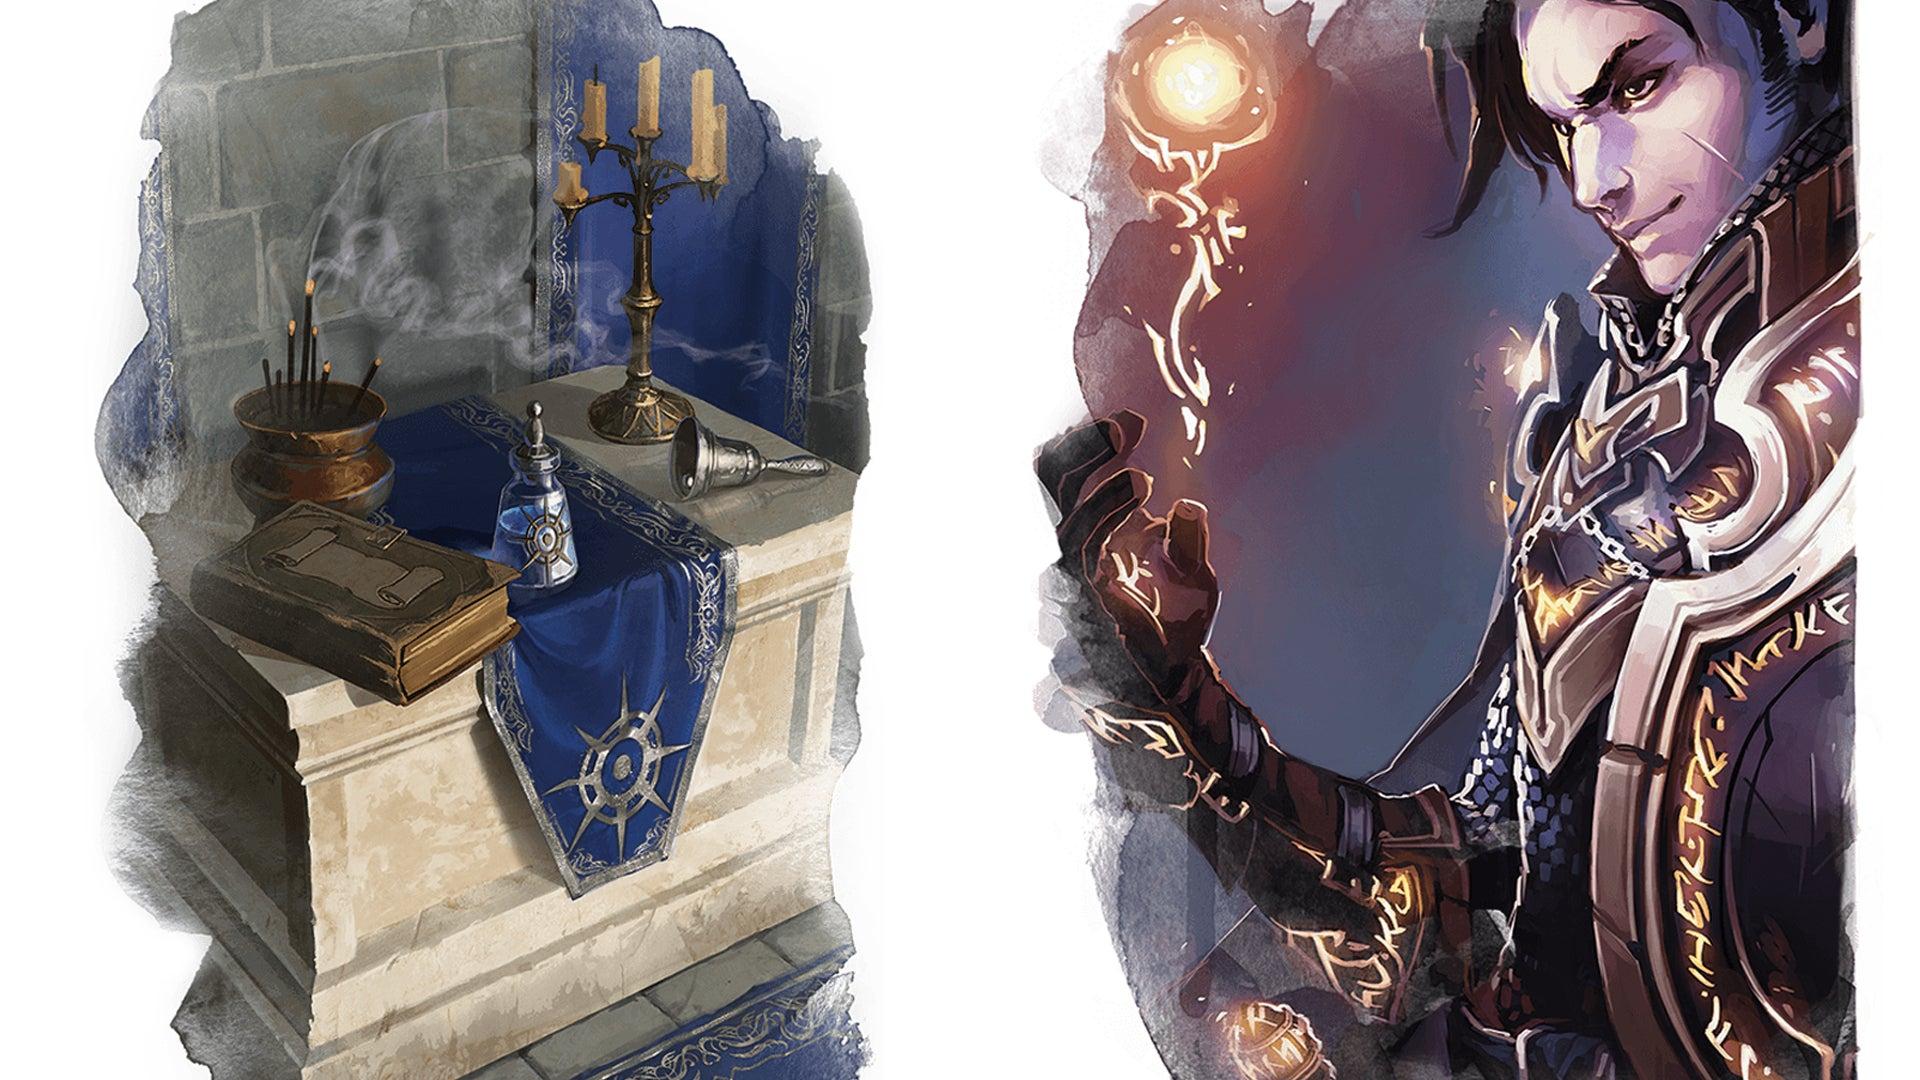 D&D Cleric images 5